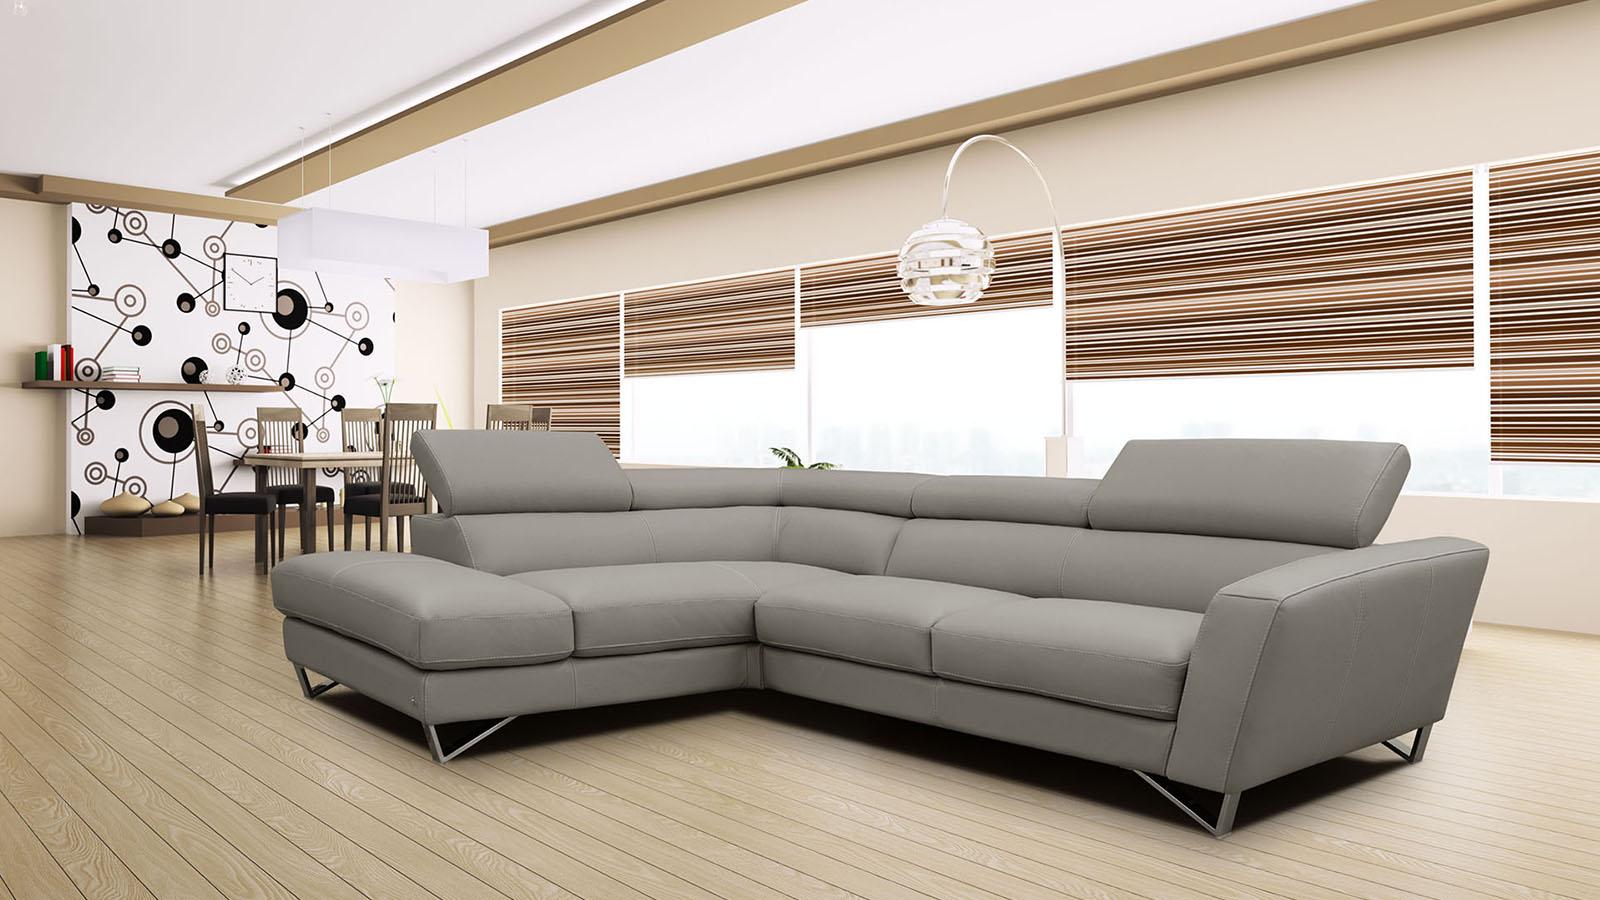 spartan sofa forros para sofas de cuero sparta  causeuse canapé ou sectionnel mariette clermont